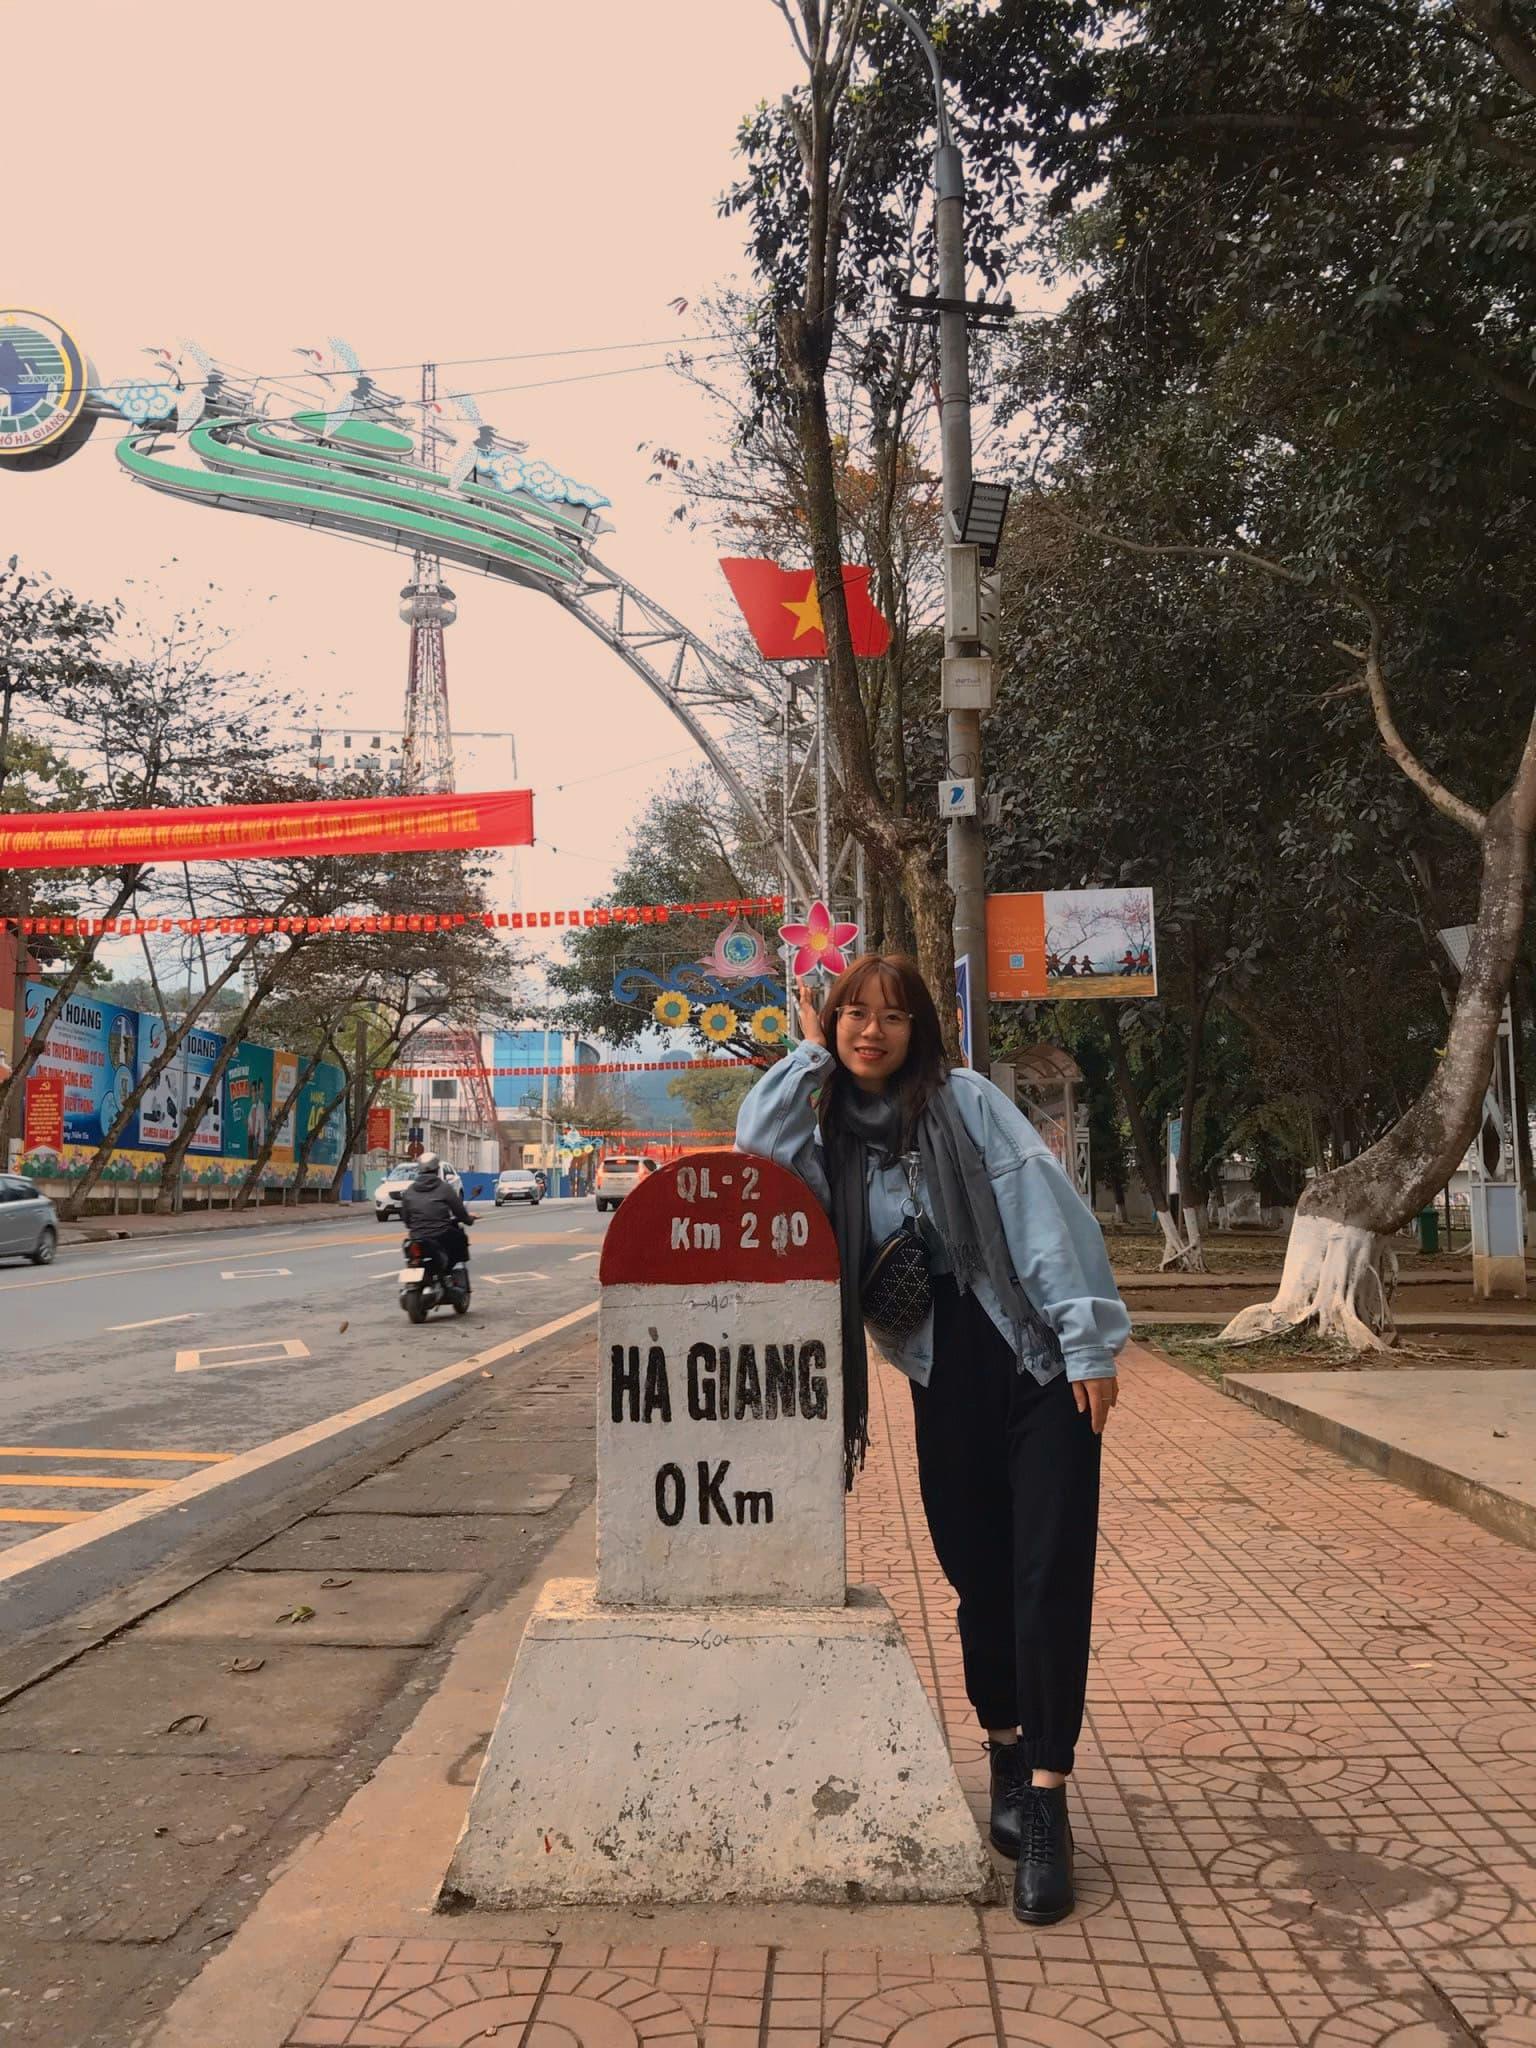 HÀ GIANG - CAO BẰNG - THÁC BẢN GIỐC - BA BỂ